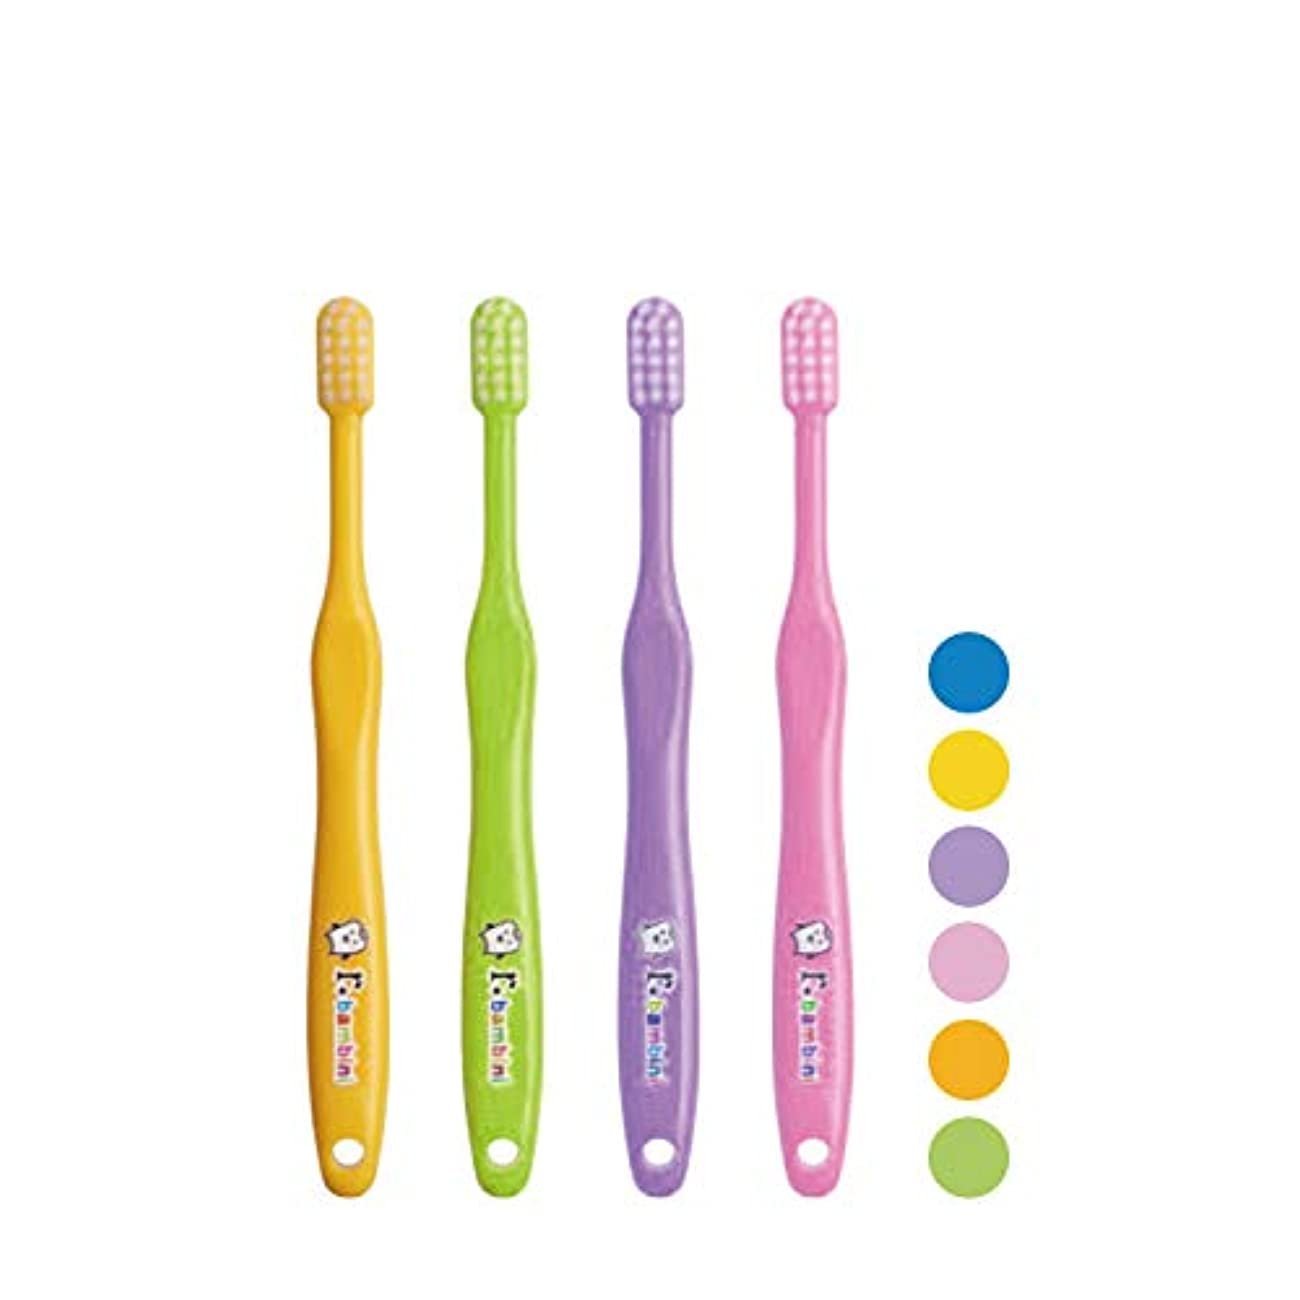 アドバイス浮く完全に乾くサムフレンド r(アール) シリーズ アール バンビーニ 子ども用 歯ブラシ?12本セット S (やわらかめ)